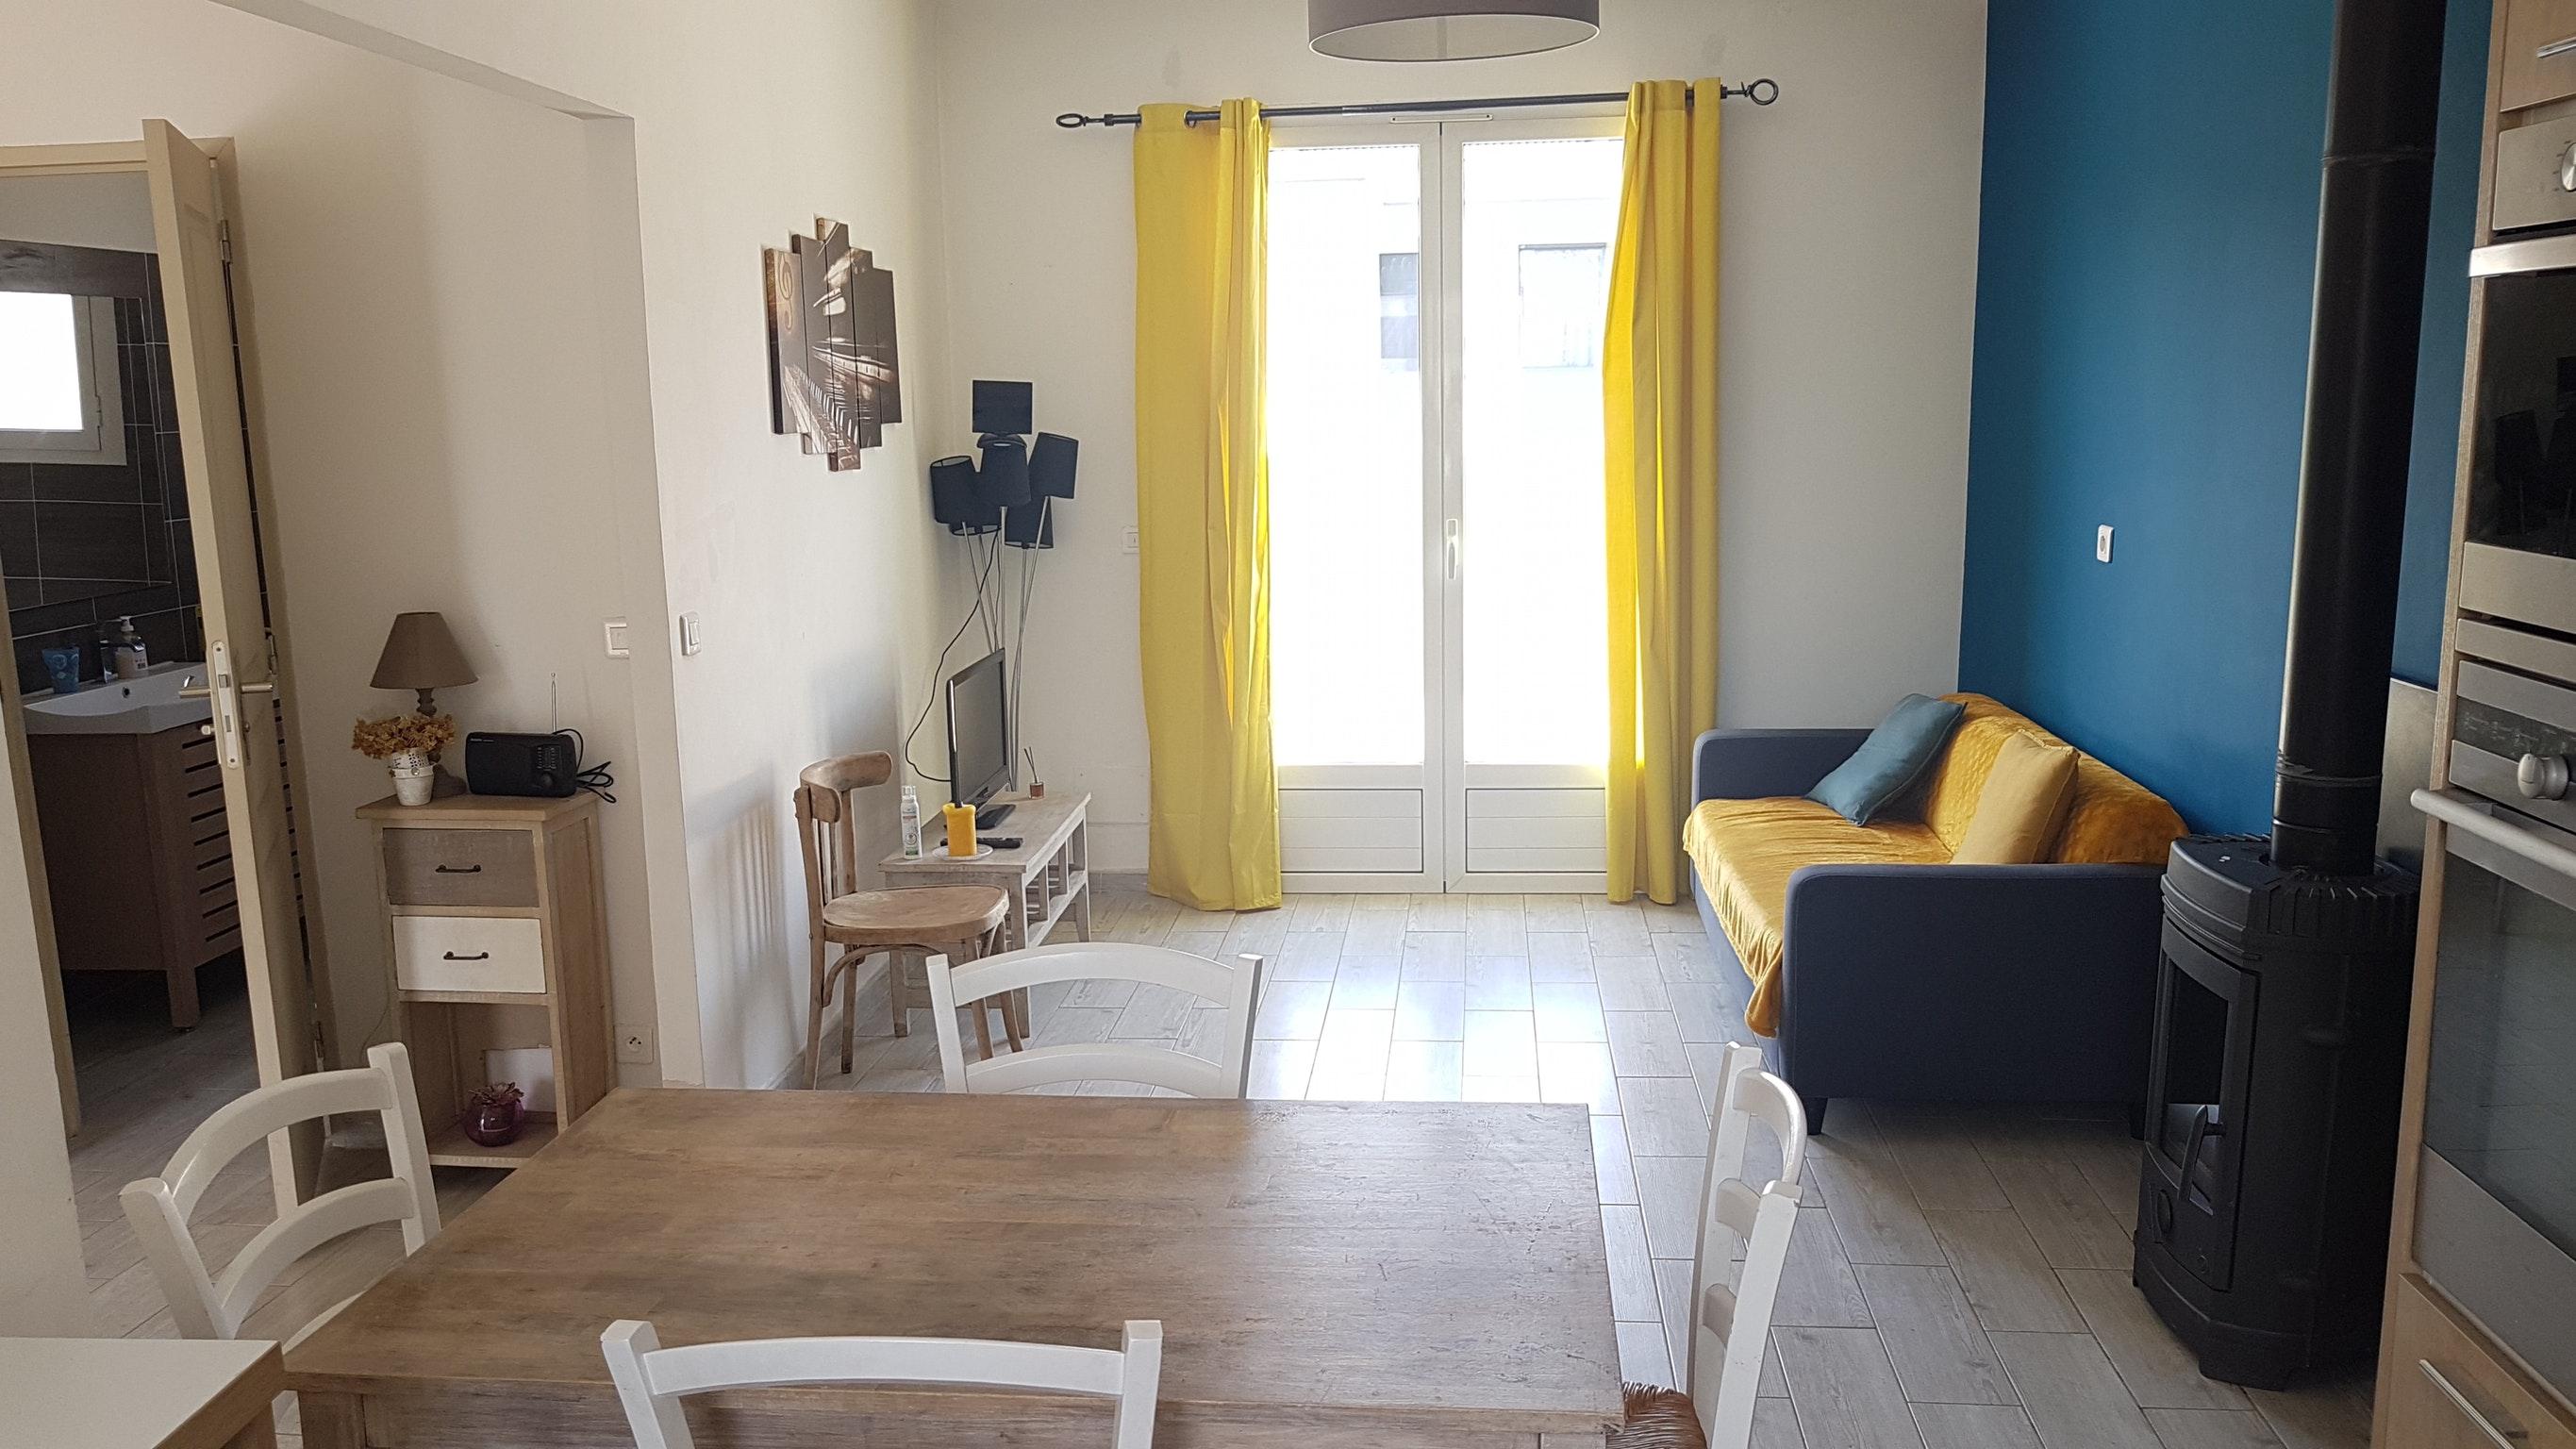 schlafzimmer in arles analyse paletten schlafzimmer kleiderschr nke von roller preisvergleich. Black Bedroom Furniture Sets. Home Design Ideas